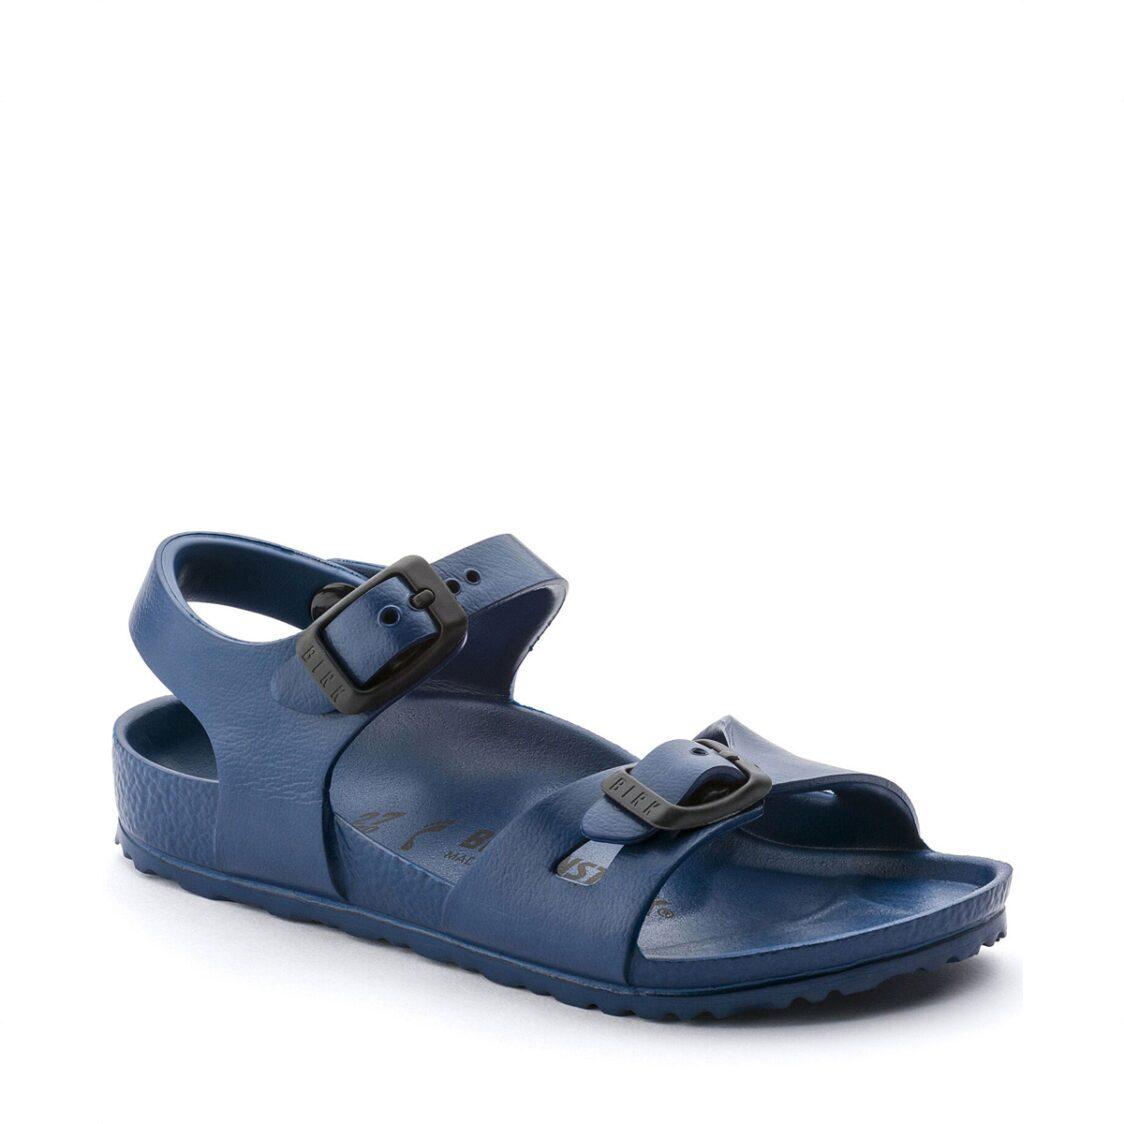 Birkenstock Rio Essential EVA Kids Narrow Width Sandals in Navy